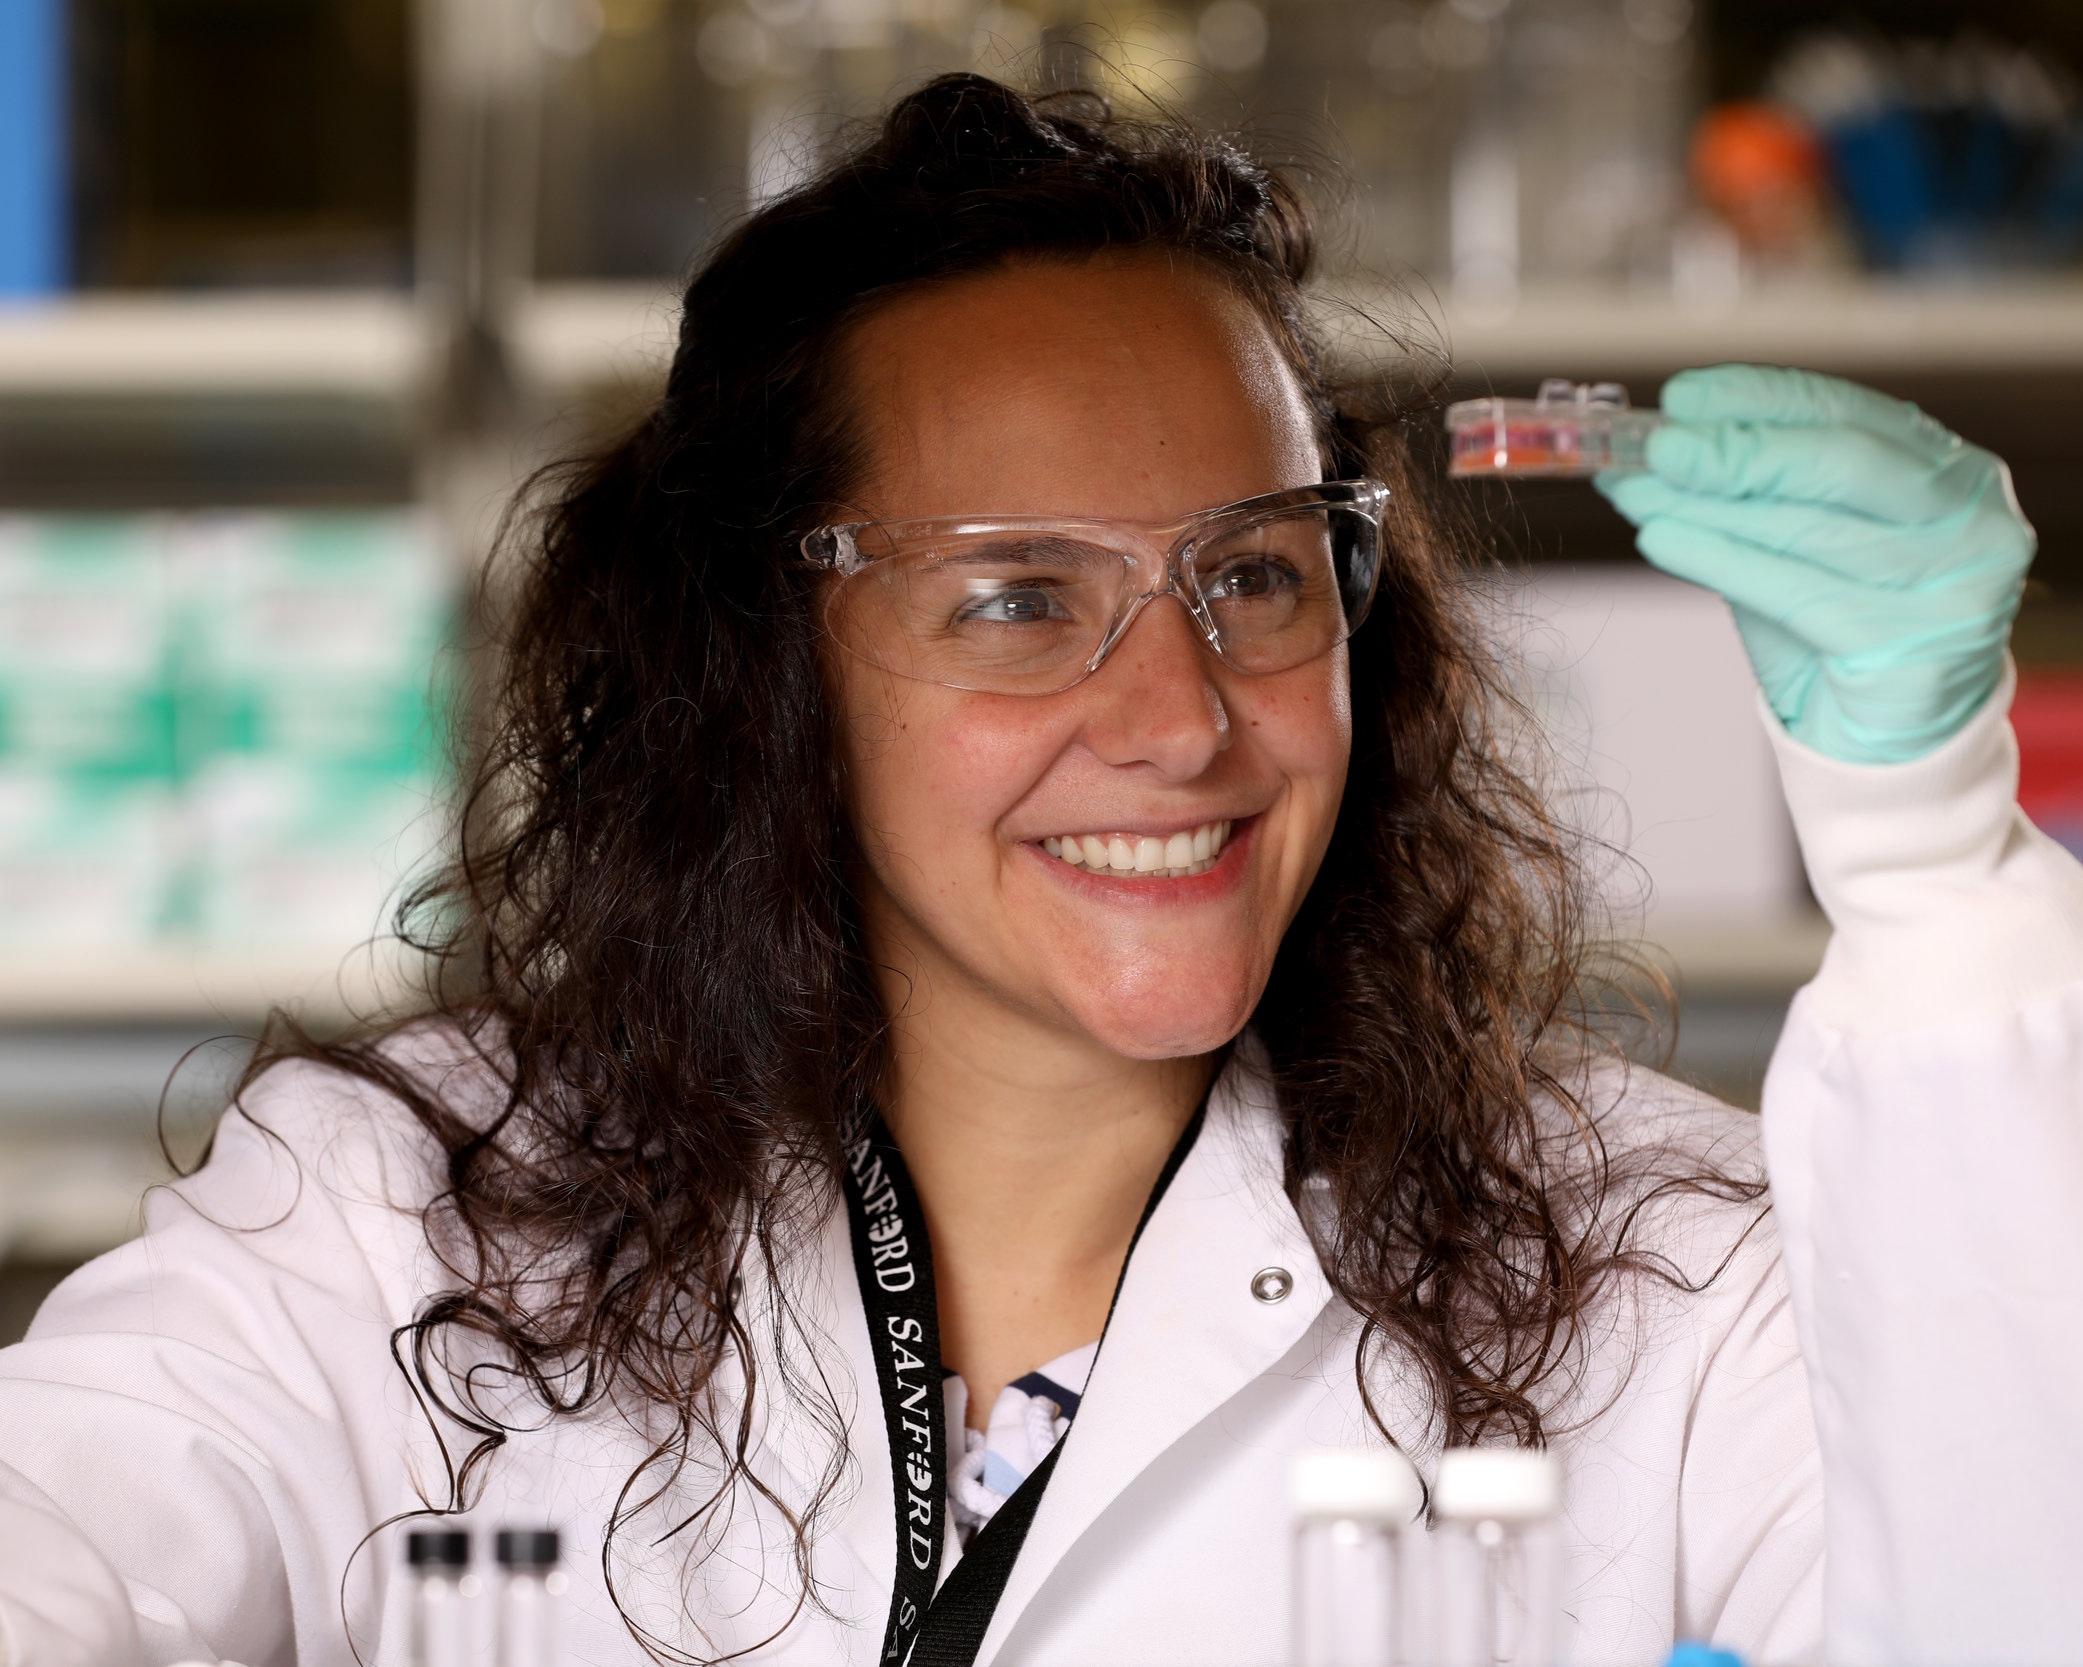 #EVisibilityPodcast Pilar de la Puente (ECUSA)    15 de Septiembre de 2018   #EVisibilityPodcast  charla con Pilar de la Puente (Sanford Research Center, South Dakota University) sobre su salto como investigadora principal en el campo de la biologia del Cancer e Immunoterapias.